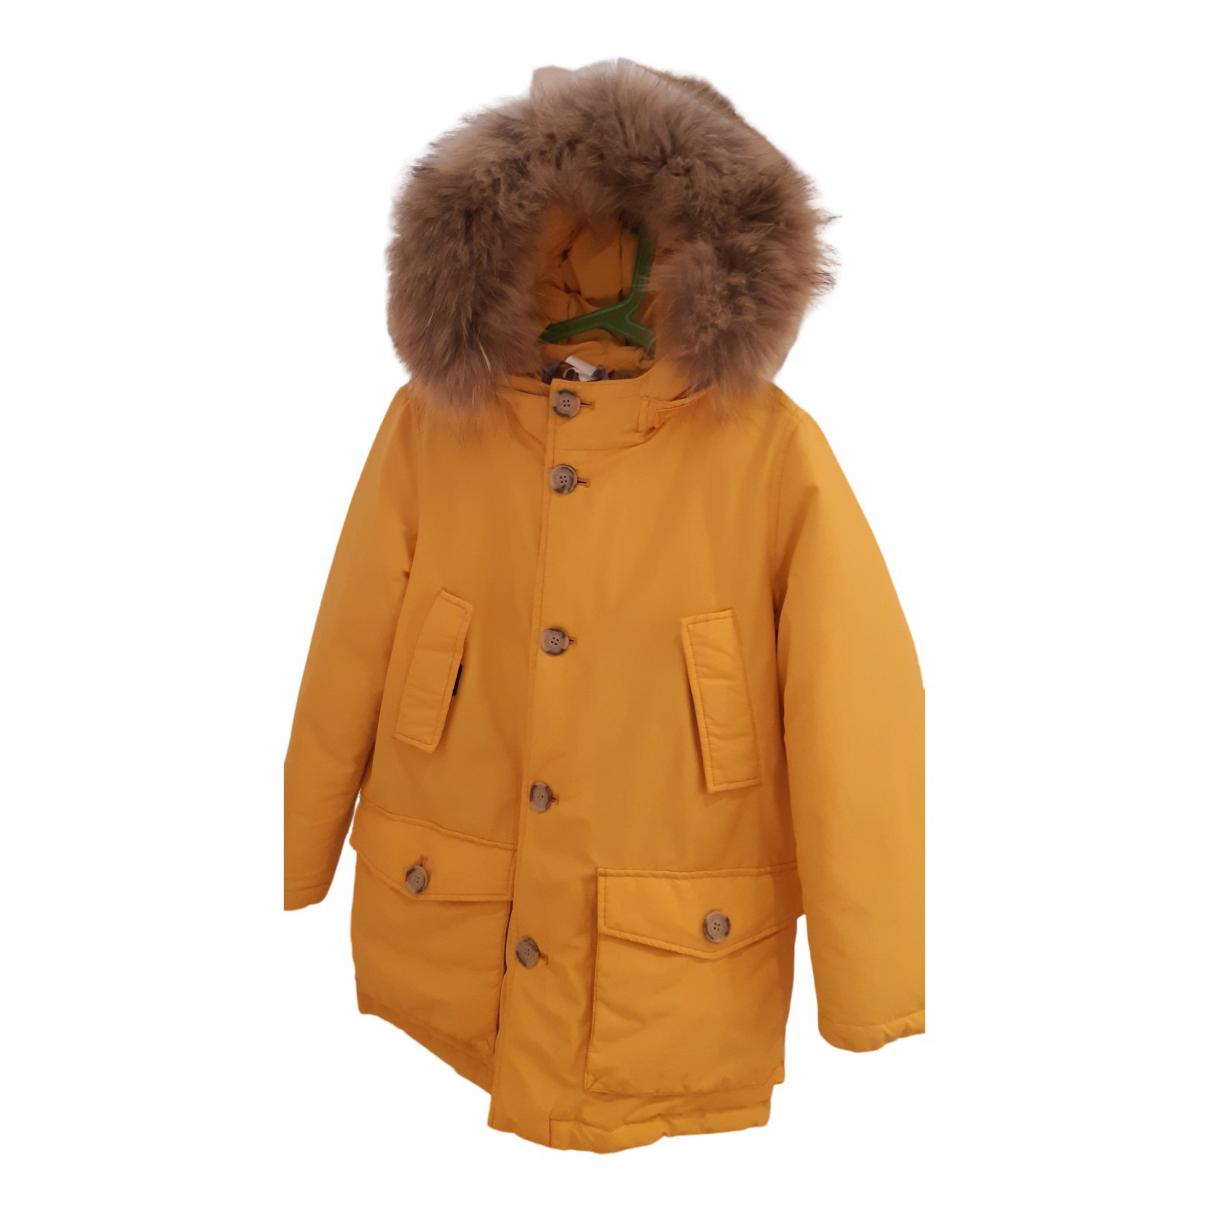 Woolrich - Blousons.Manteaux   pour enfant en fourrure - jaune